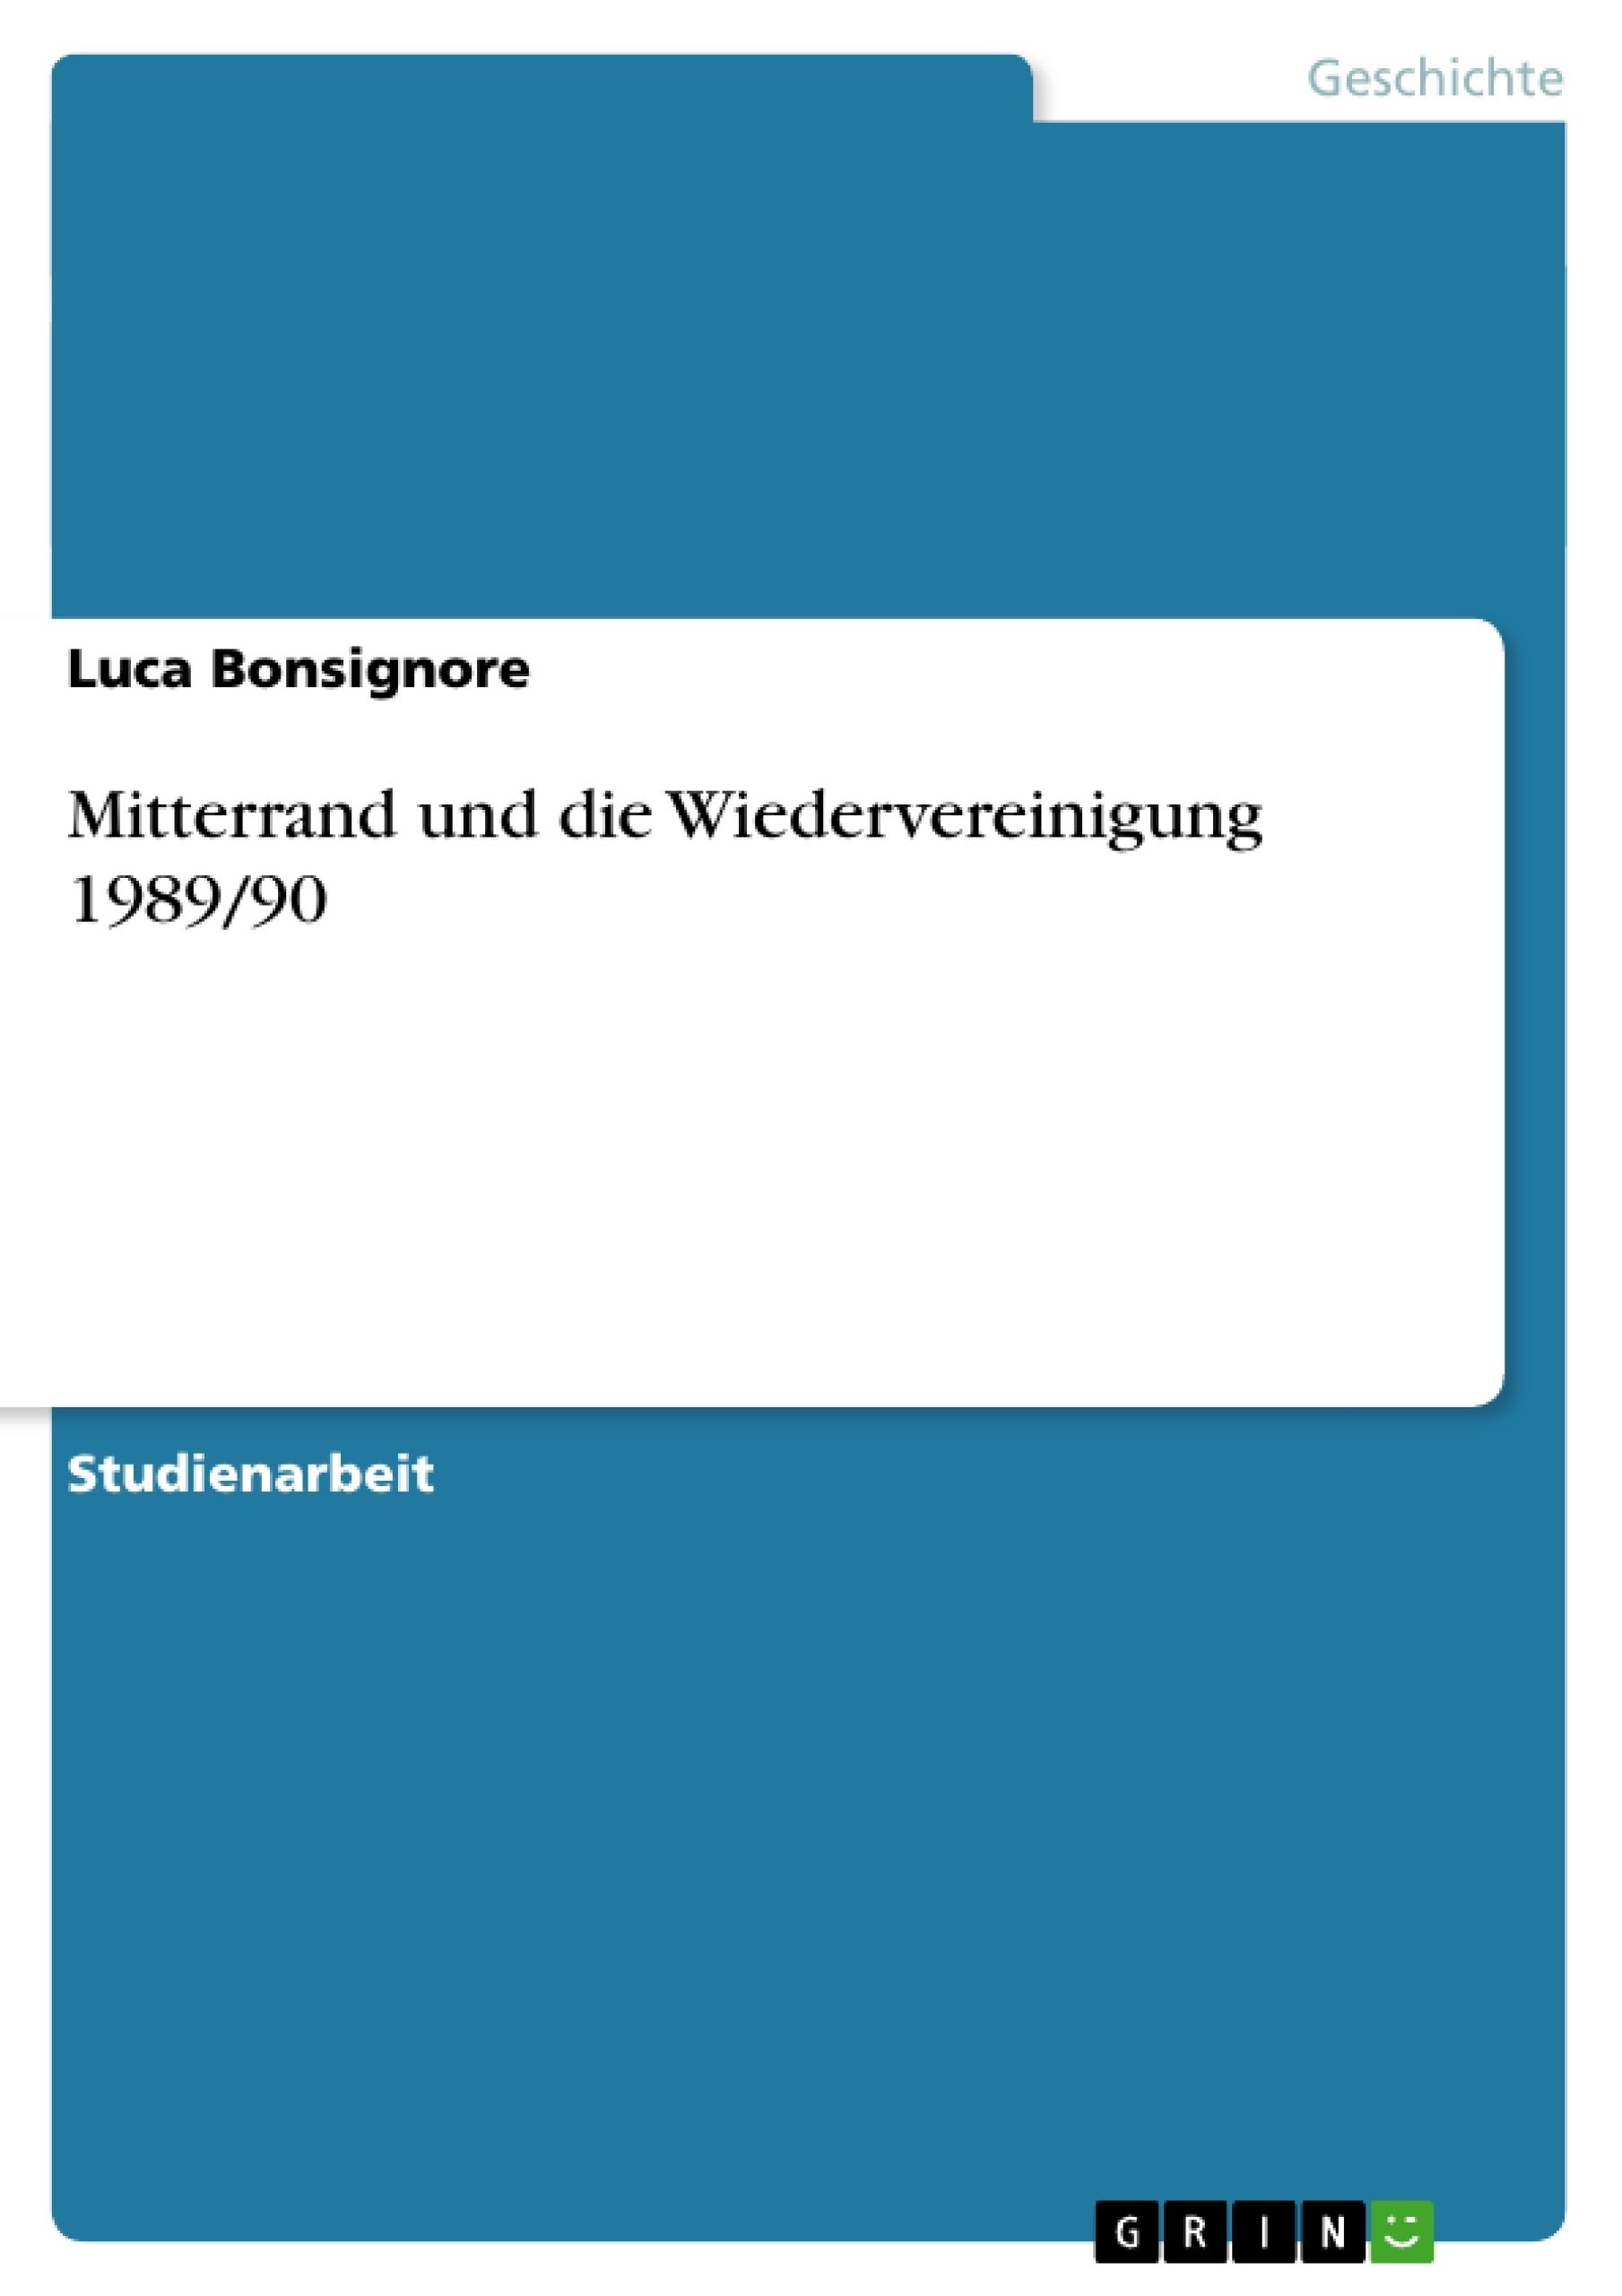 Titel: Mitterrand und die Wiedervereinigung 1989/90